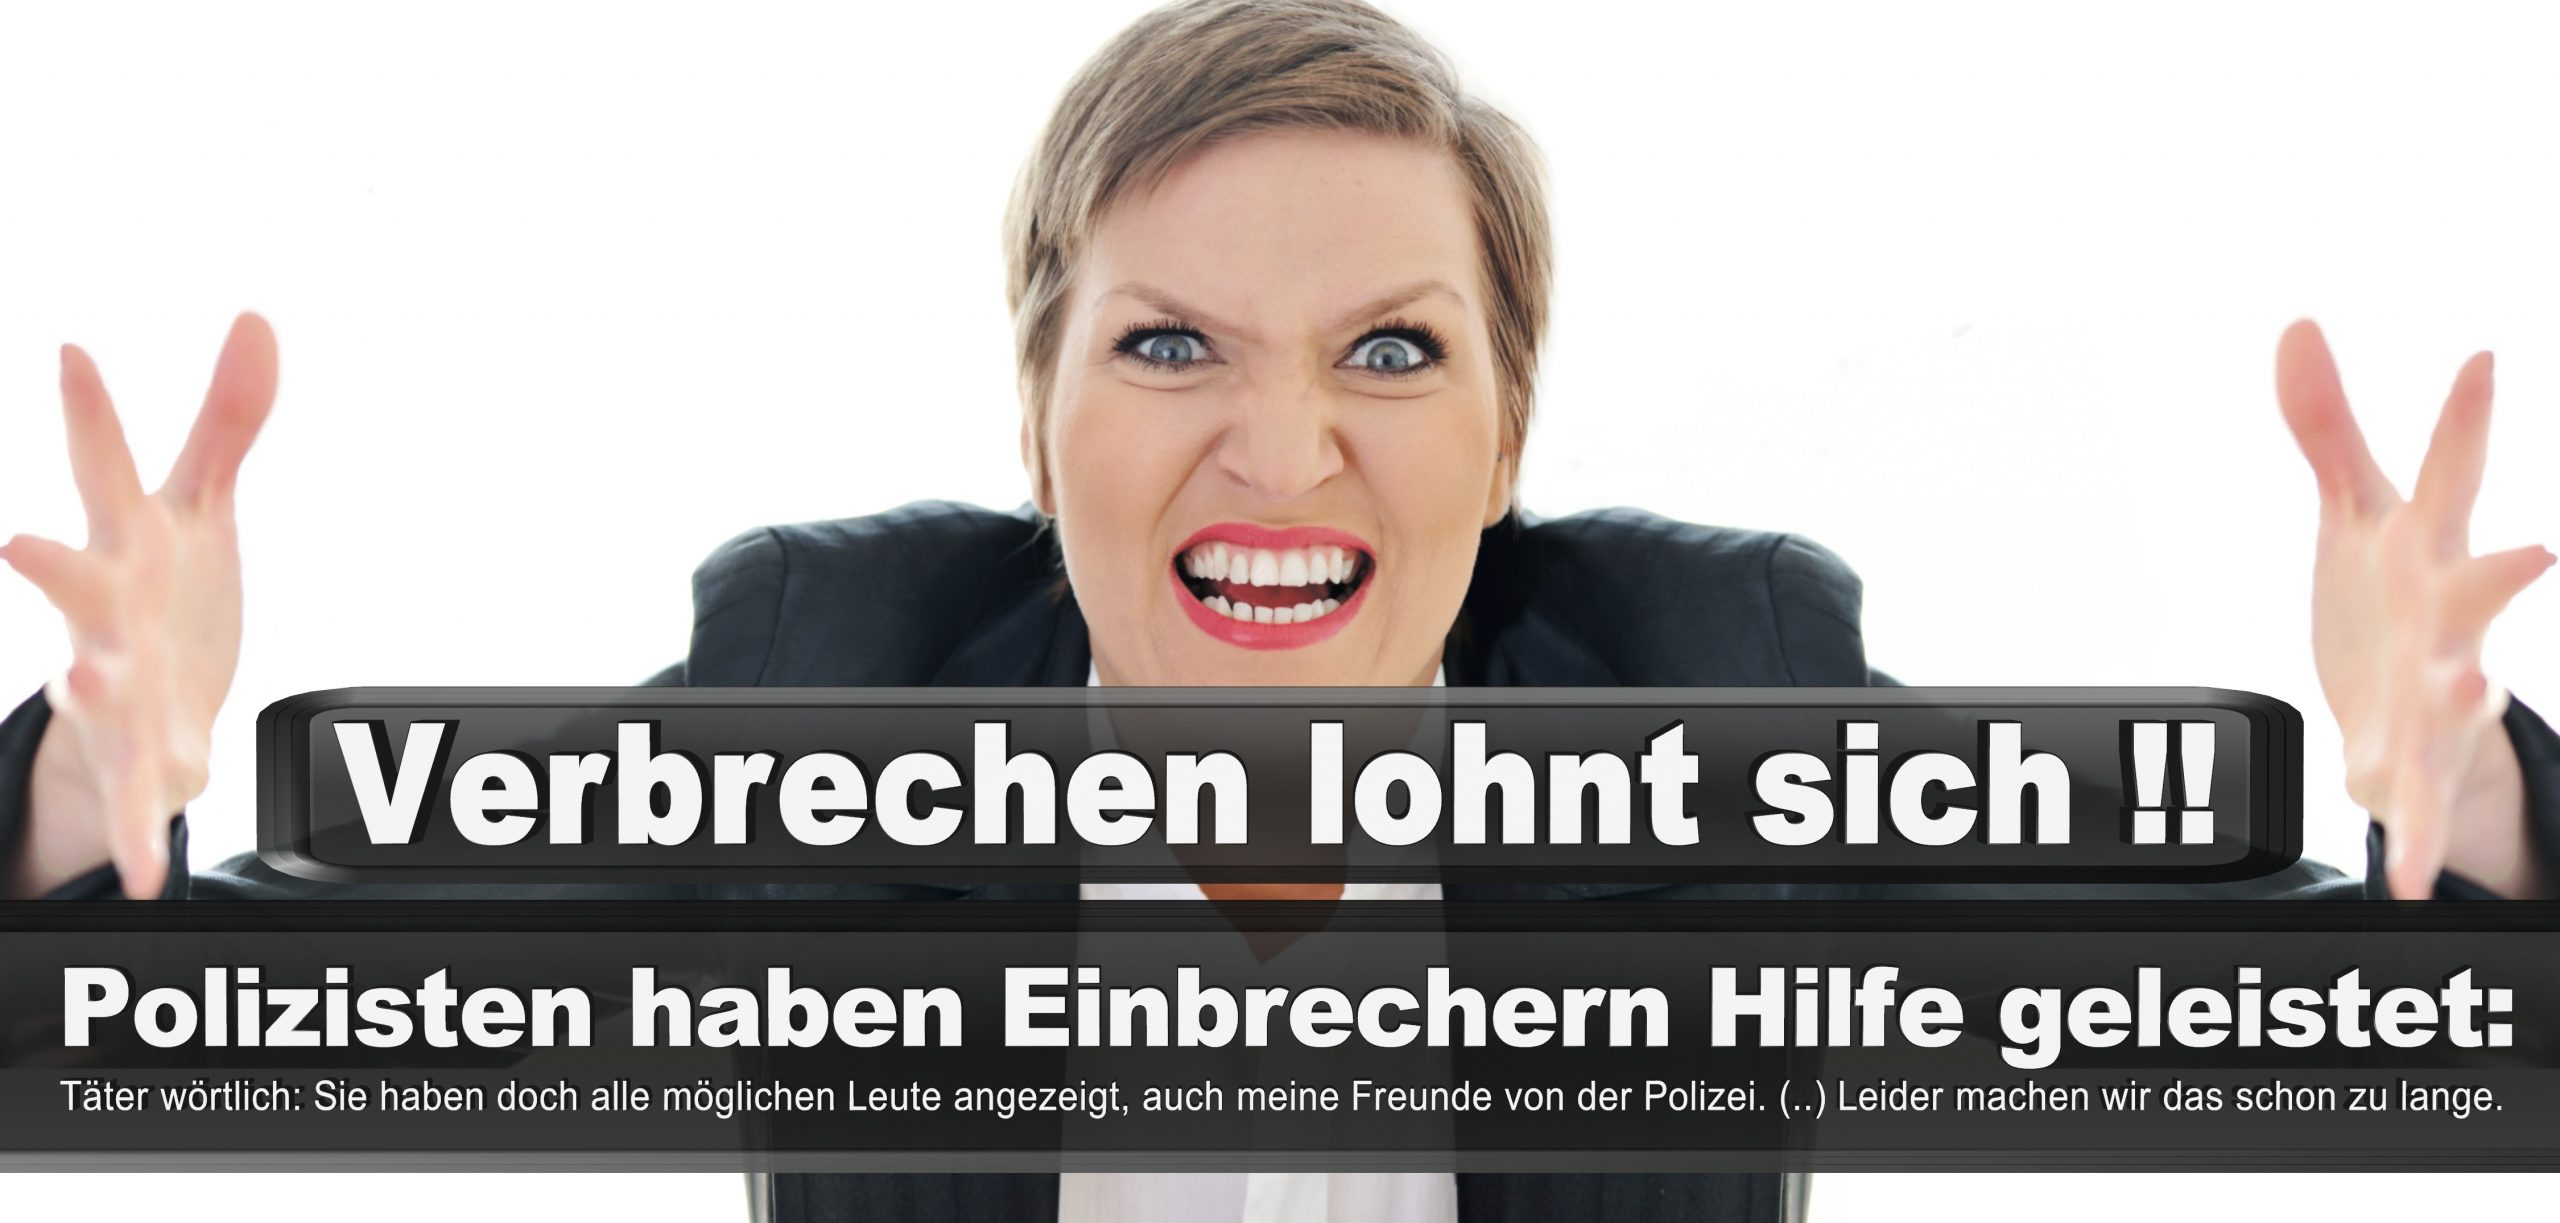 Bundestagswahl 2021 Wahlplakate CDU SPD FDP AFD Grüne Linke Stimmzettel Prognose Umfrage Kandidaten Parteien Datum (41)